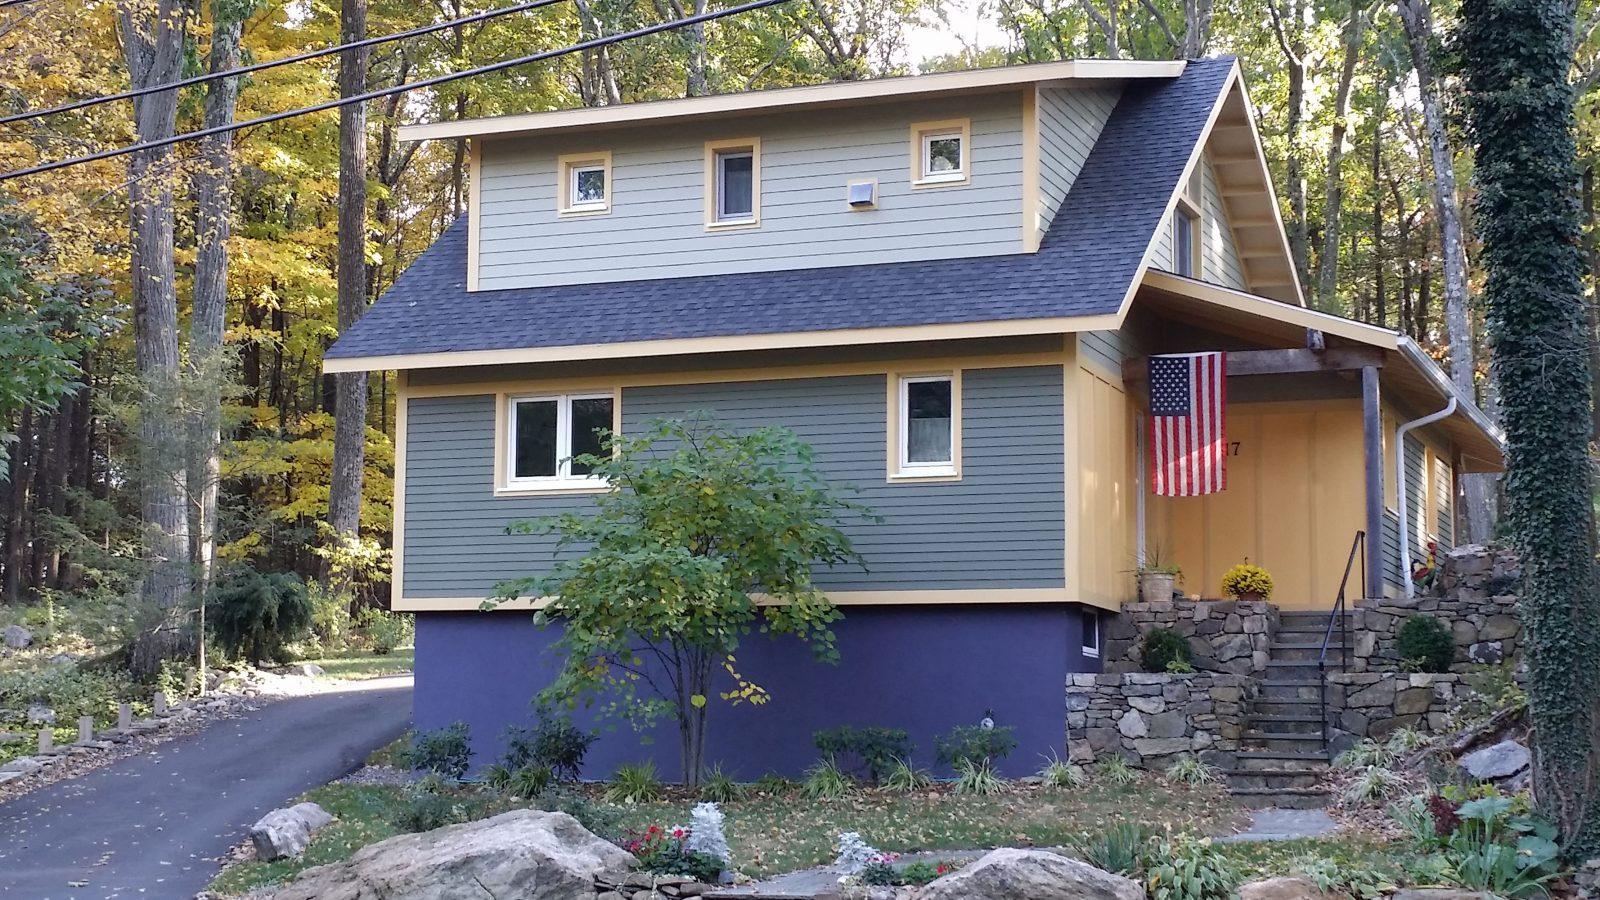 2014 Housing Innovation Challenge Award winner